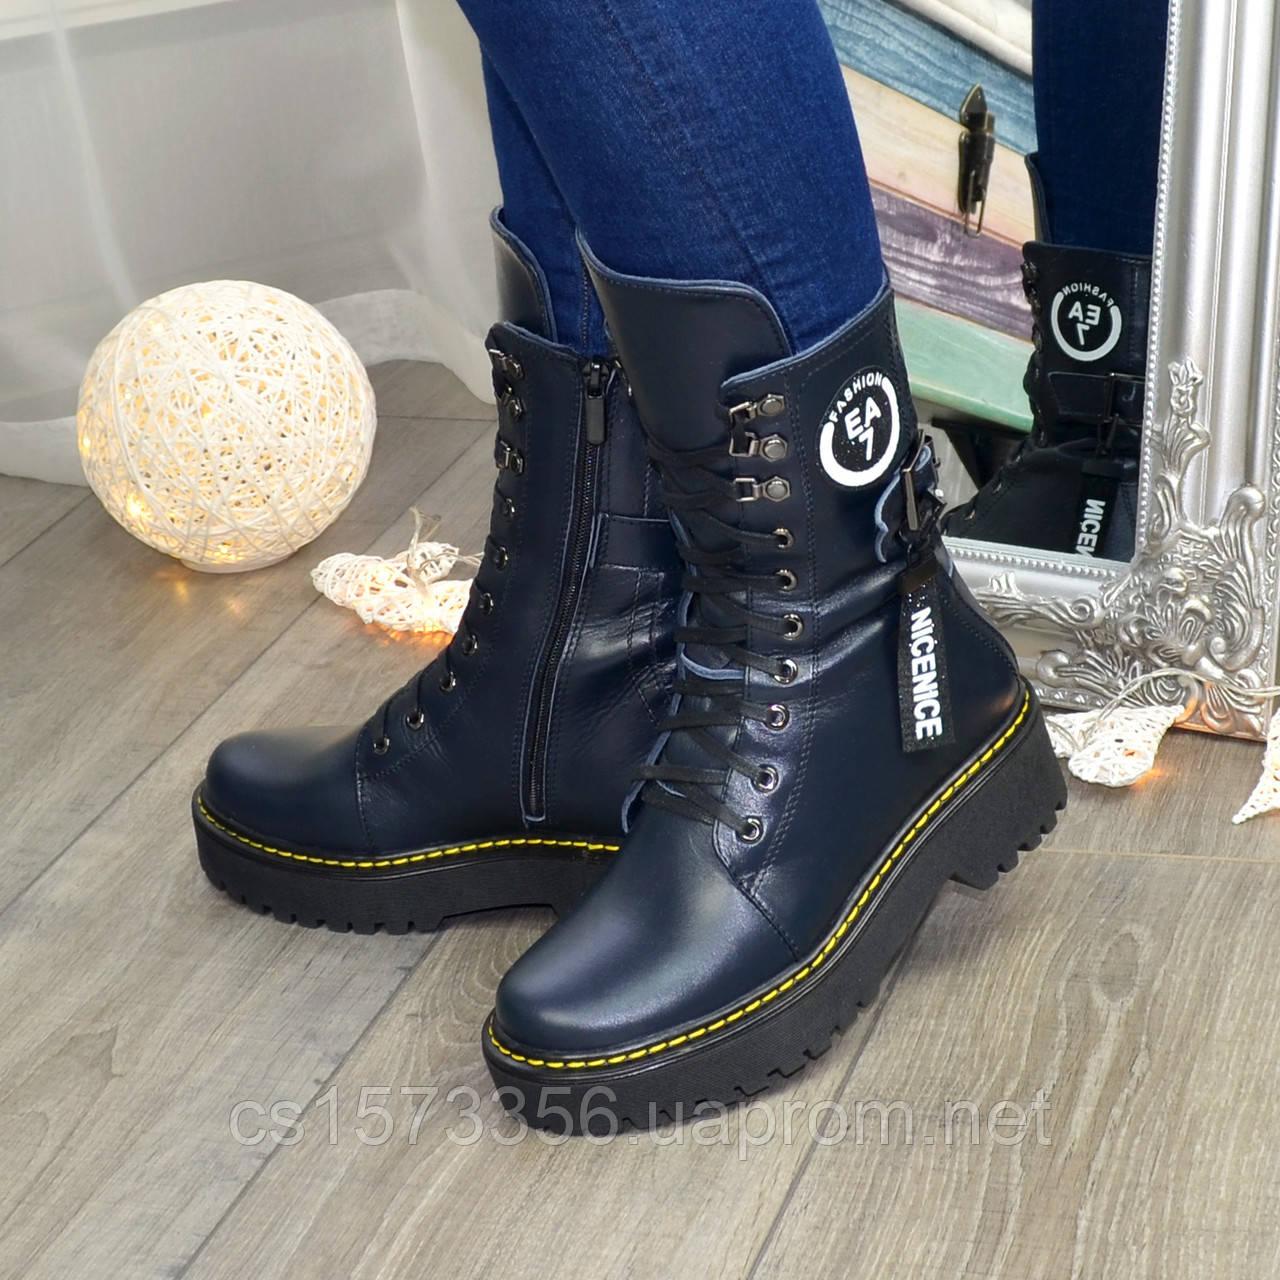 Ботинки высокие женские на шнуровке, натуральная кожа синего цвета